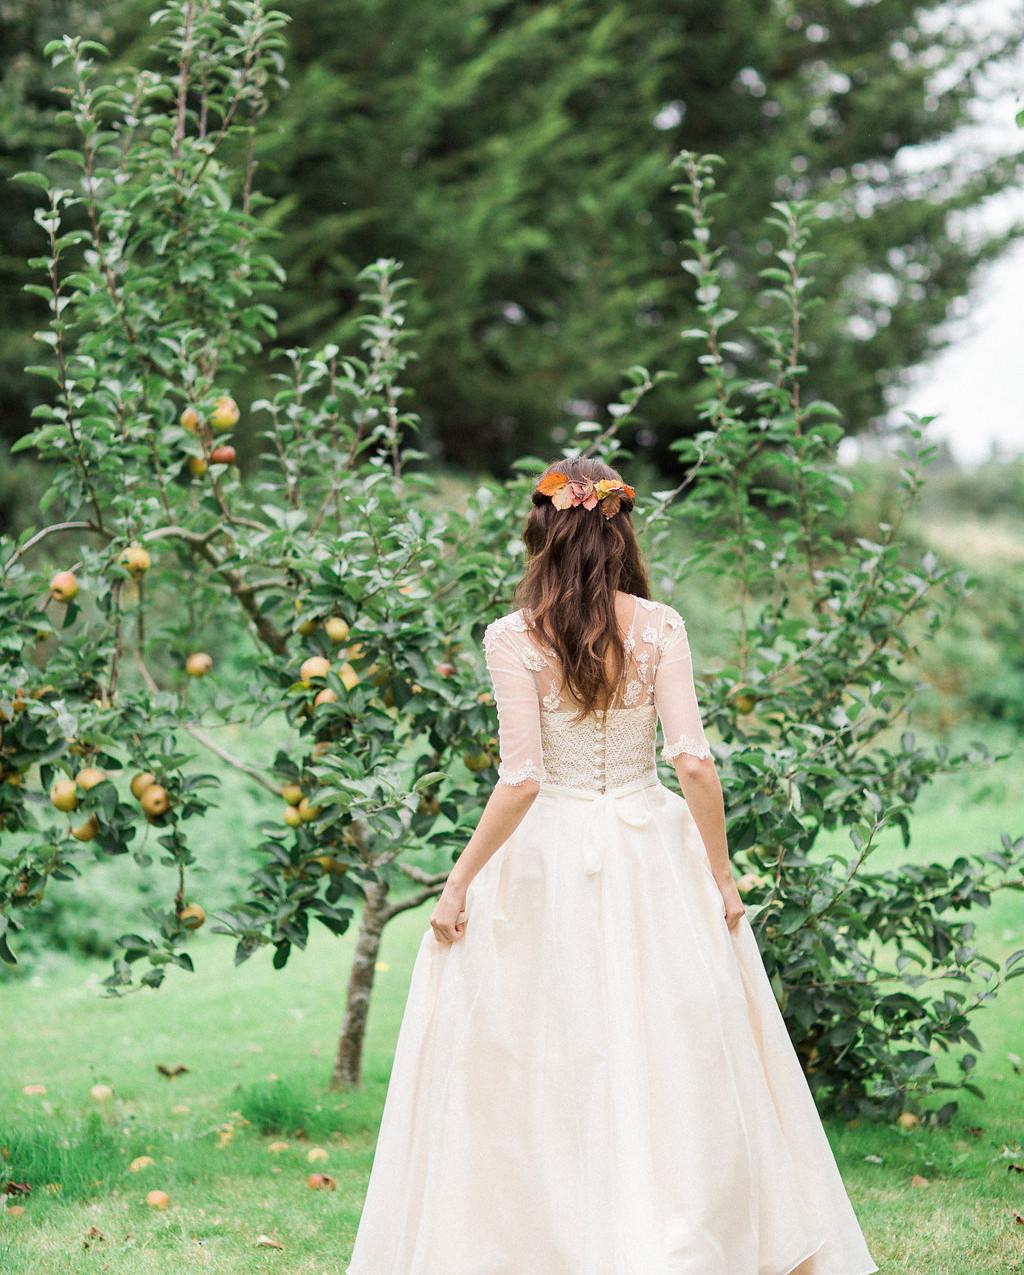 'Autumn Joy' wedding dress